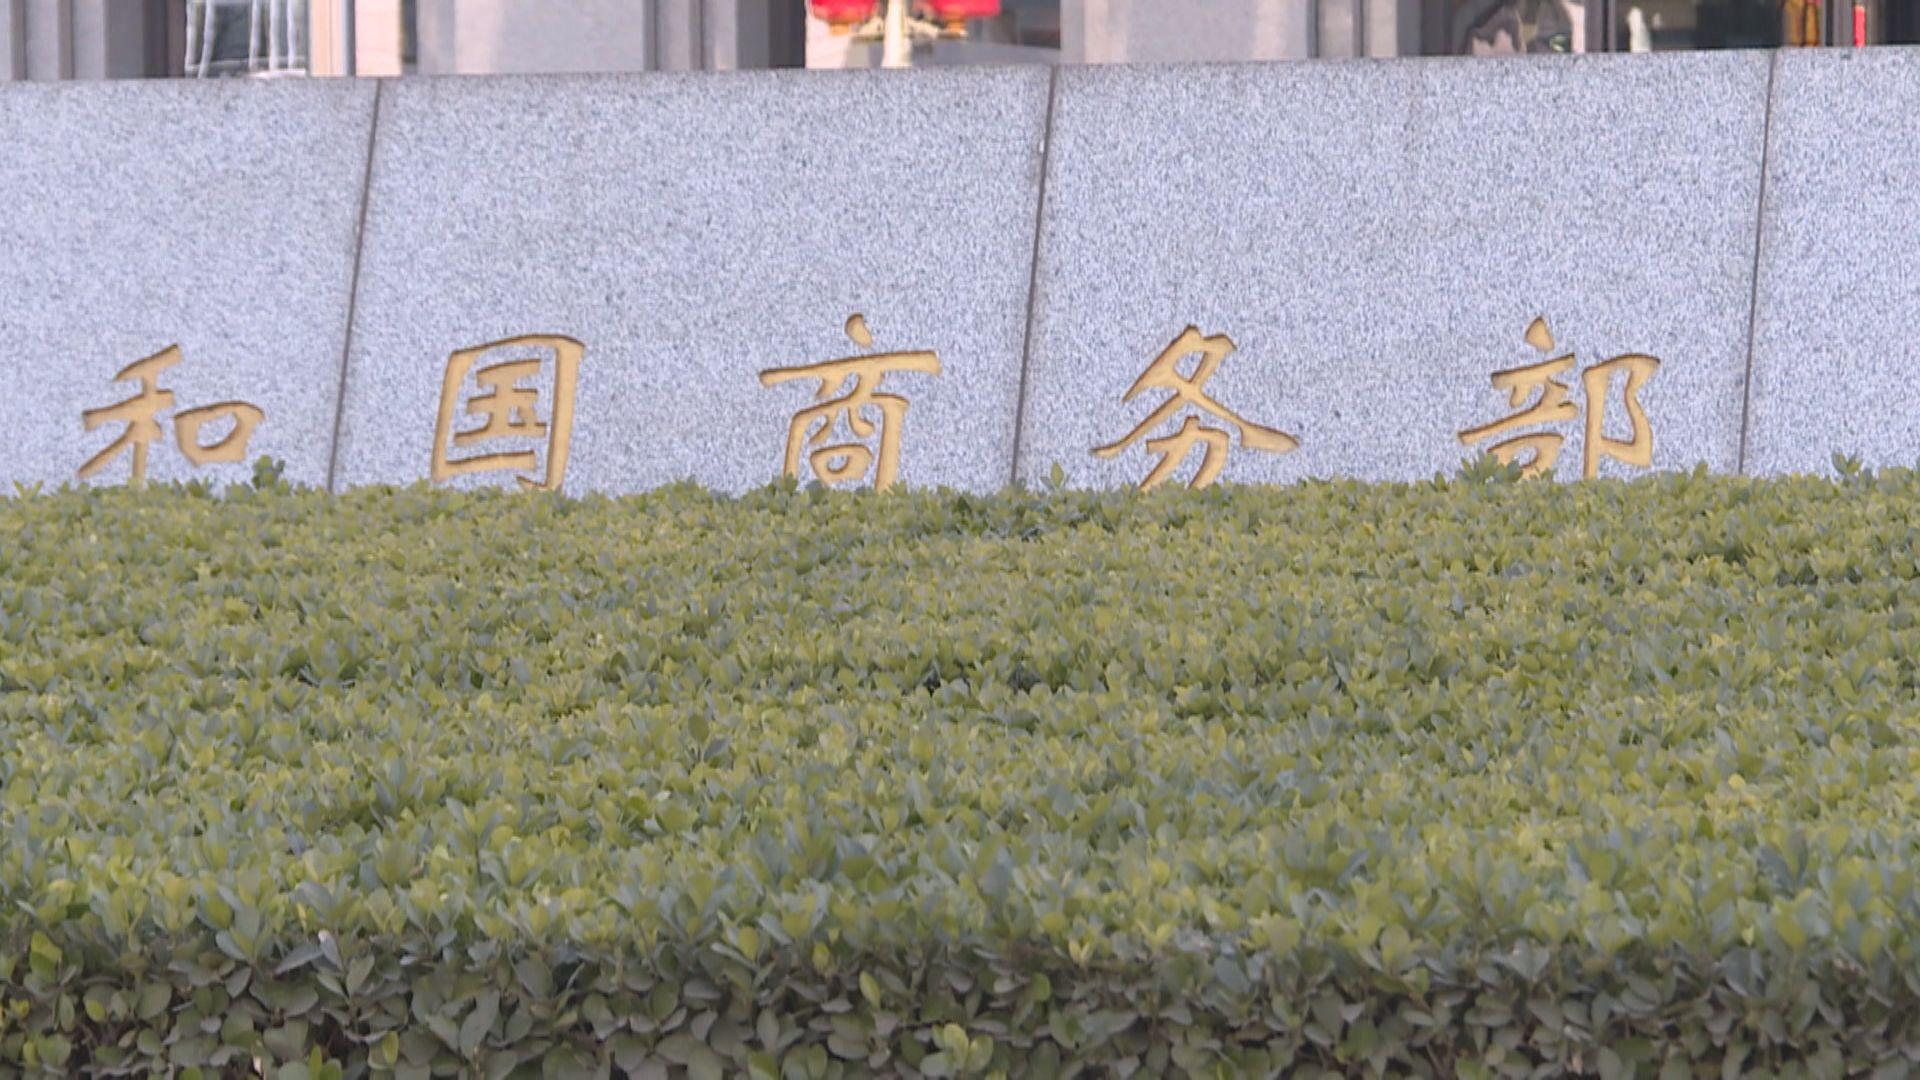 美禁TikTok WeChat 中國商務部敦促美方摒棄霸凌行徑